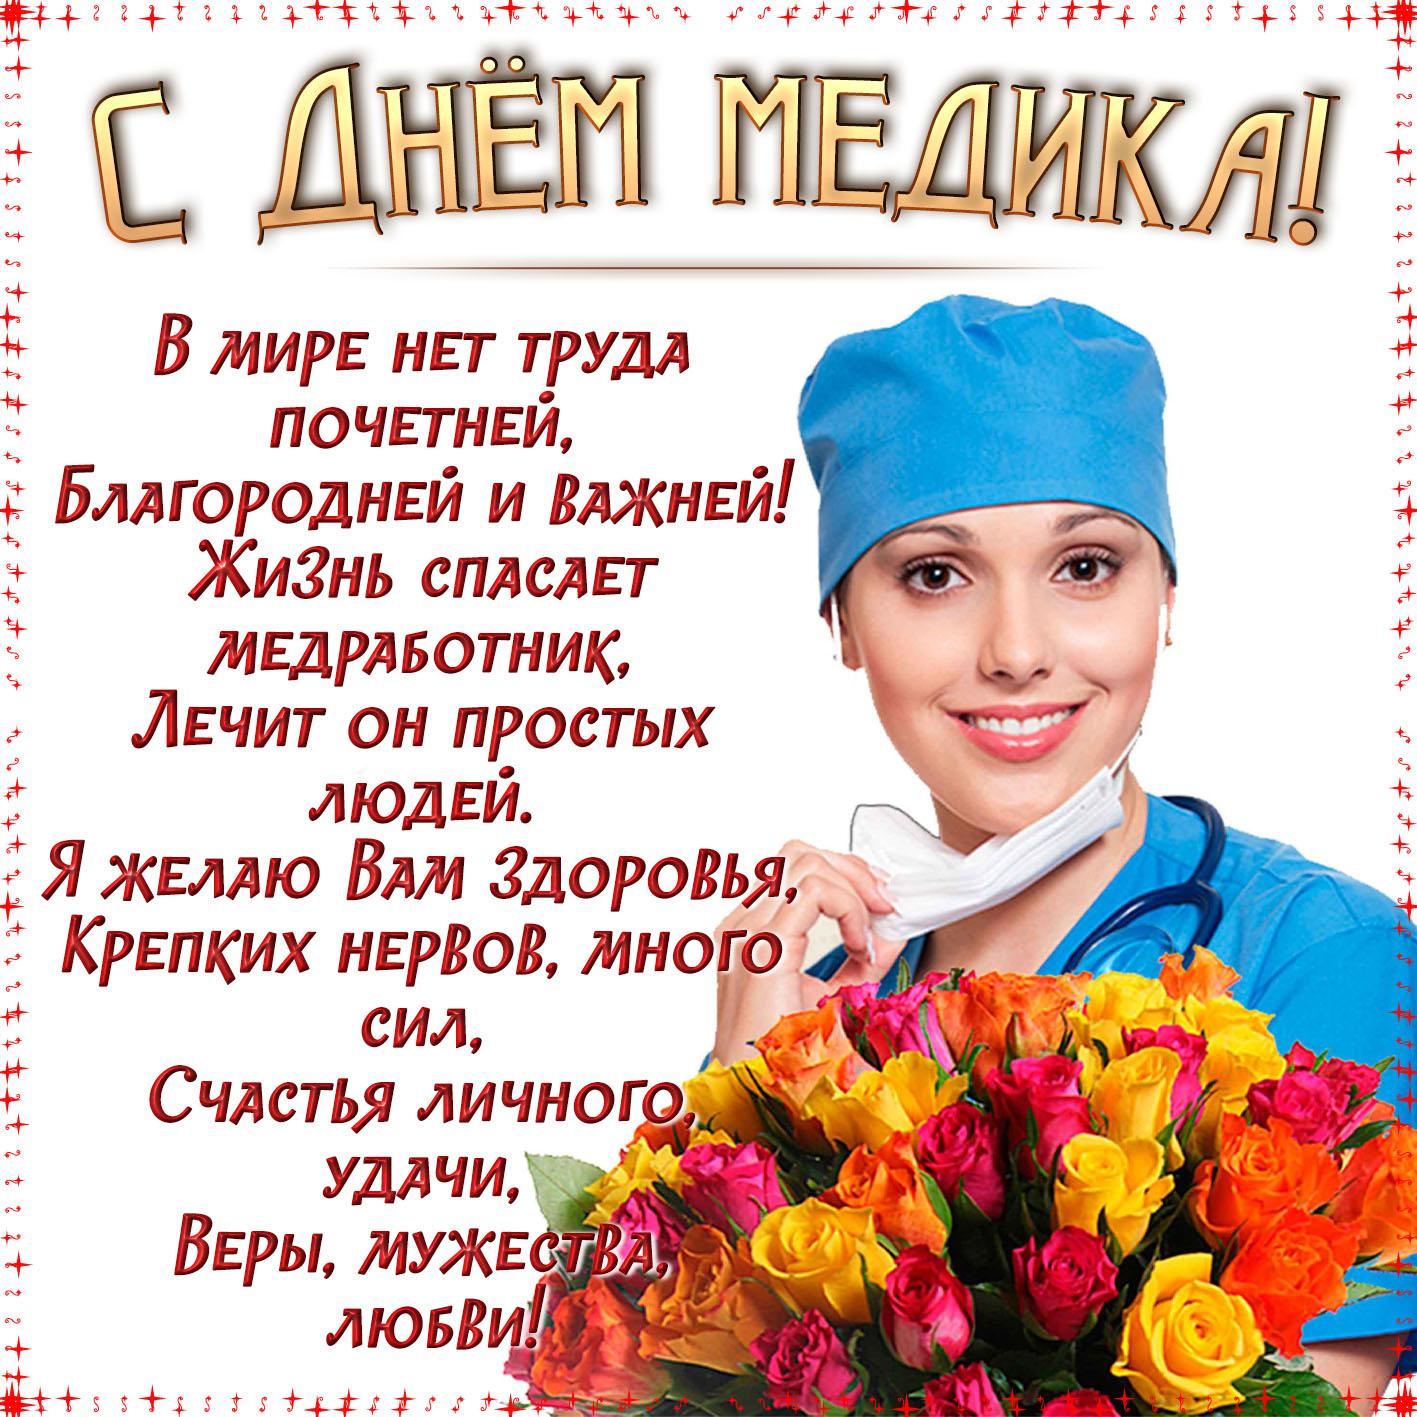 Поздравление с днем мед работников